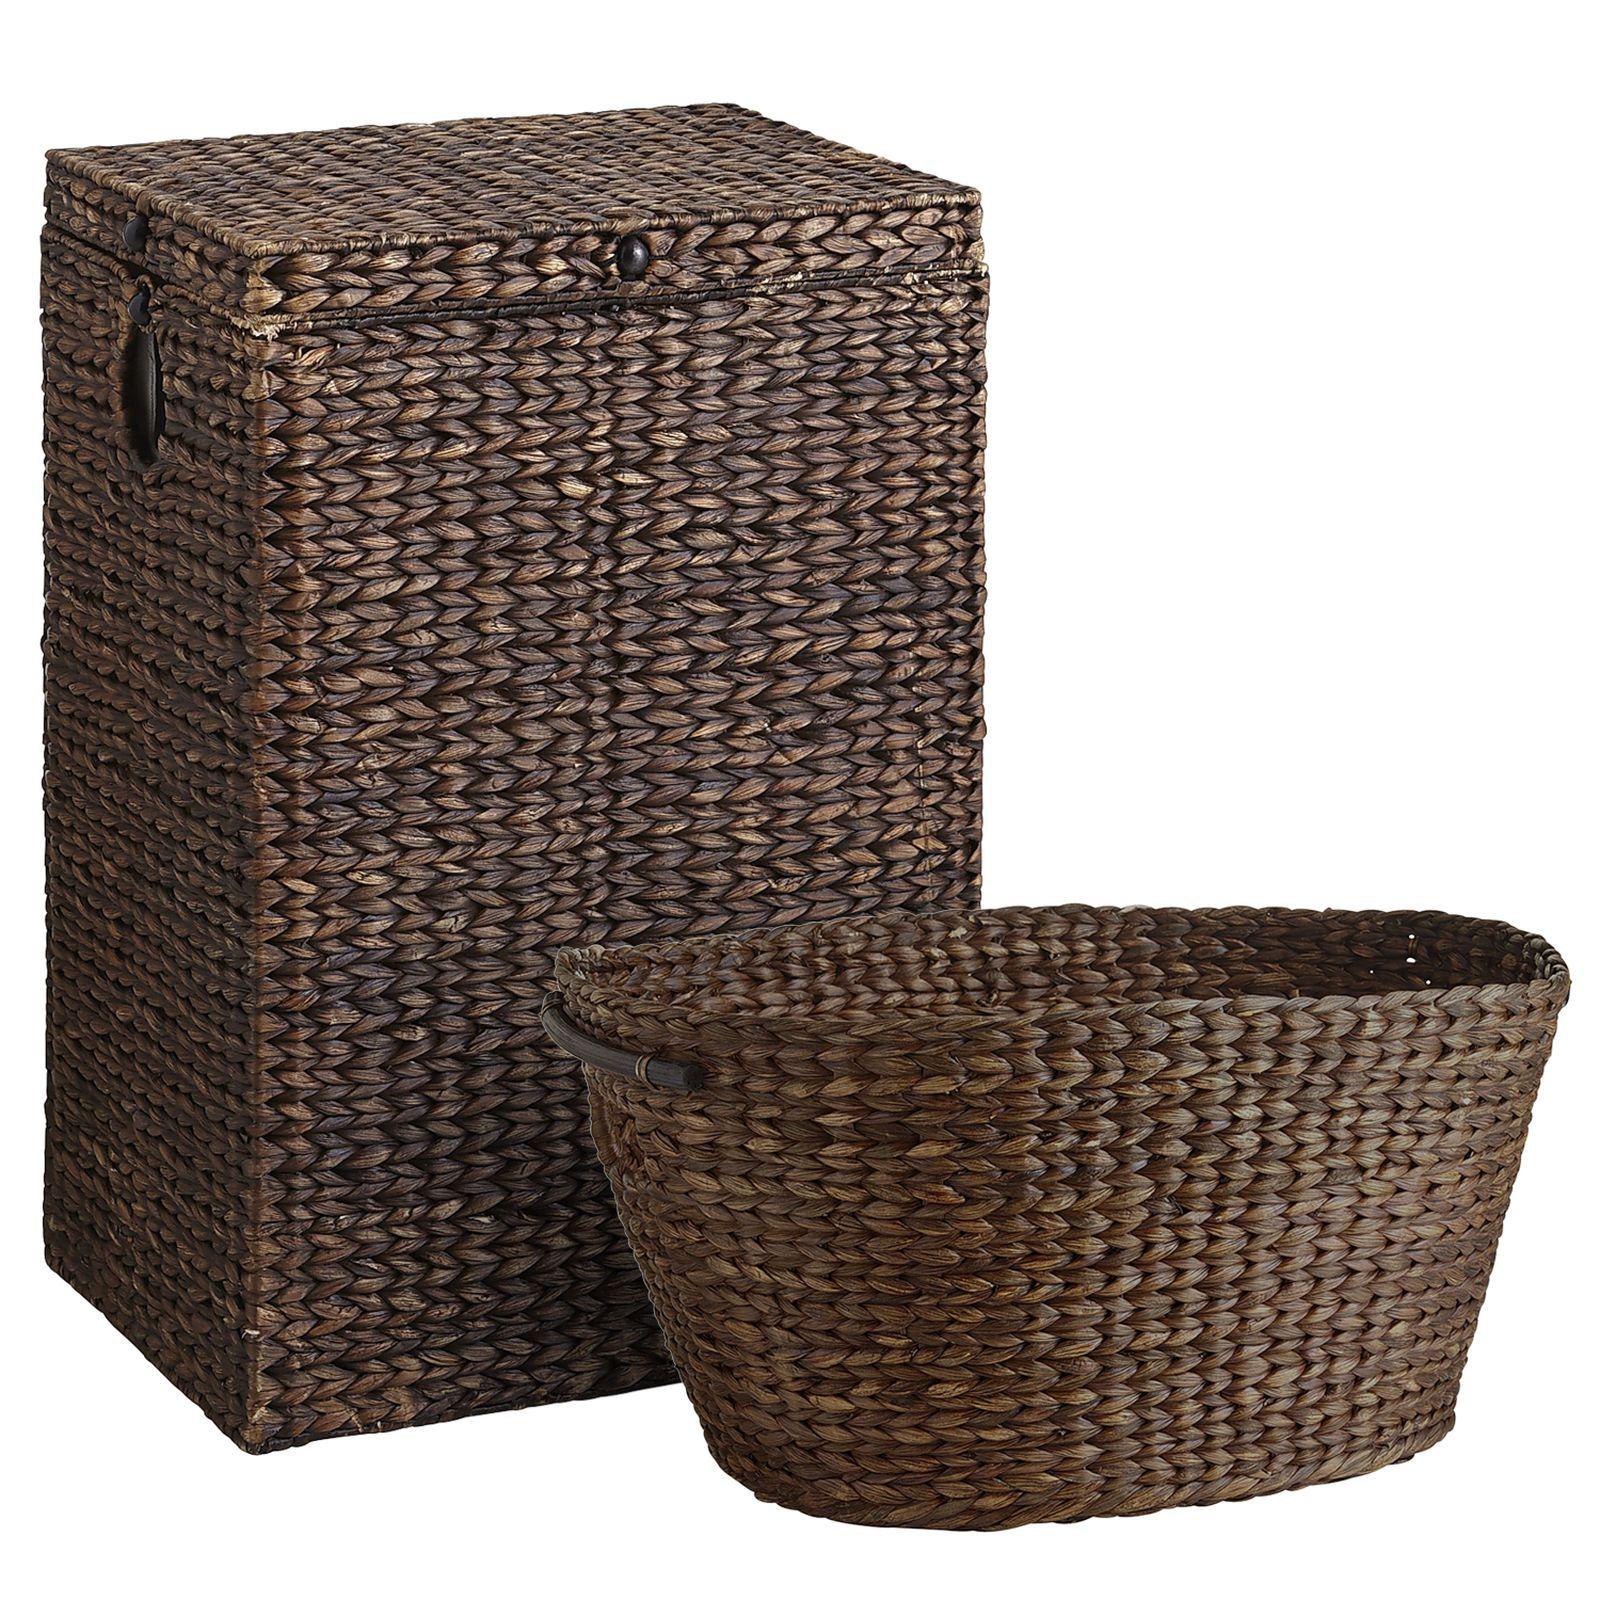 Wicker Hamper Laundry Basket